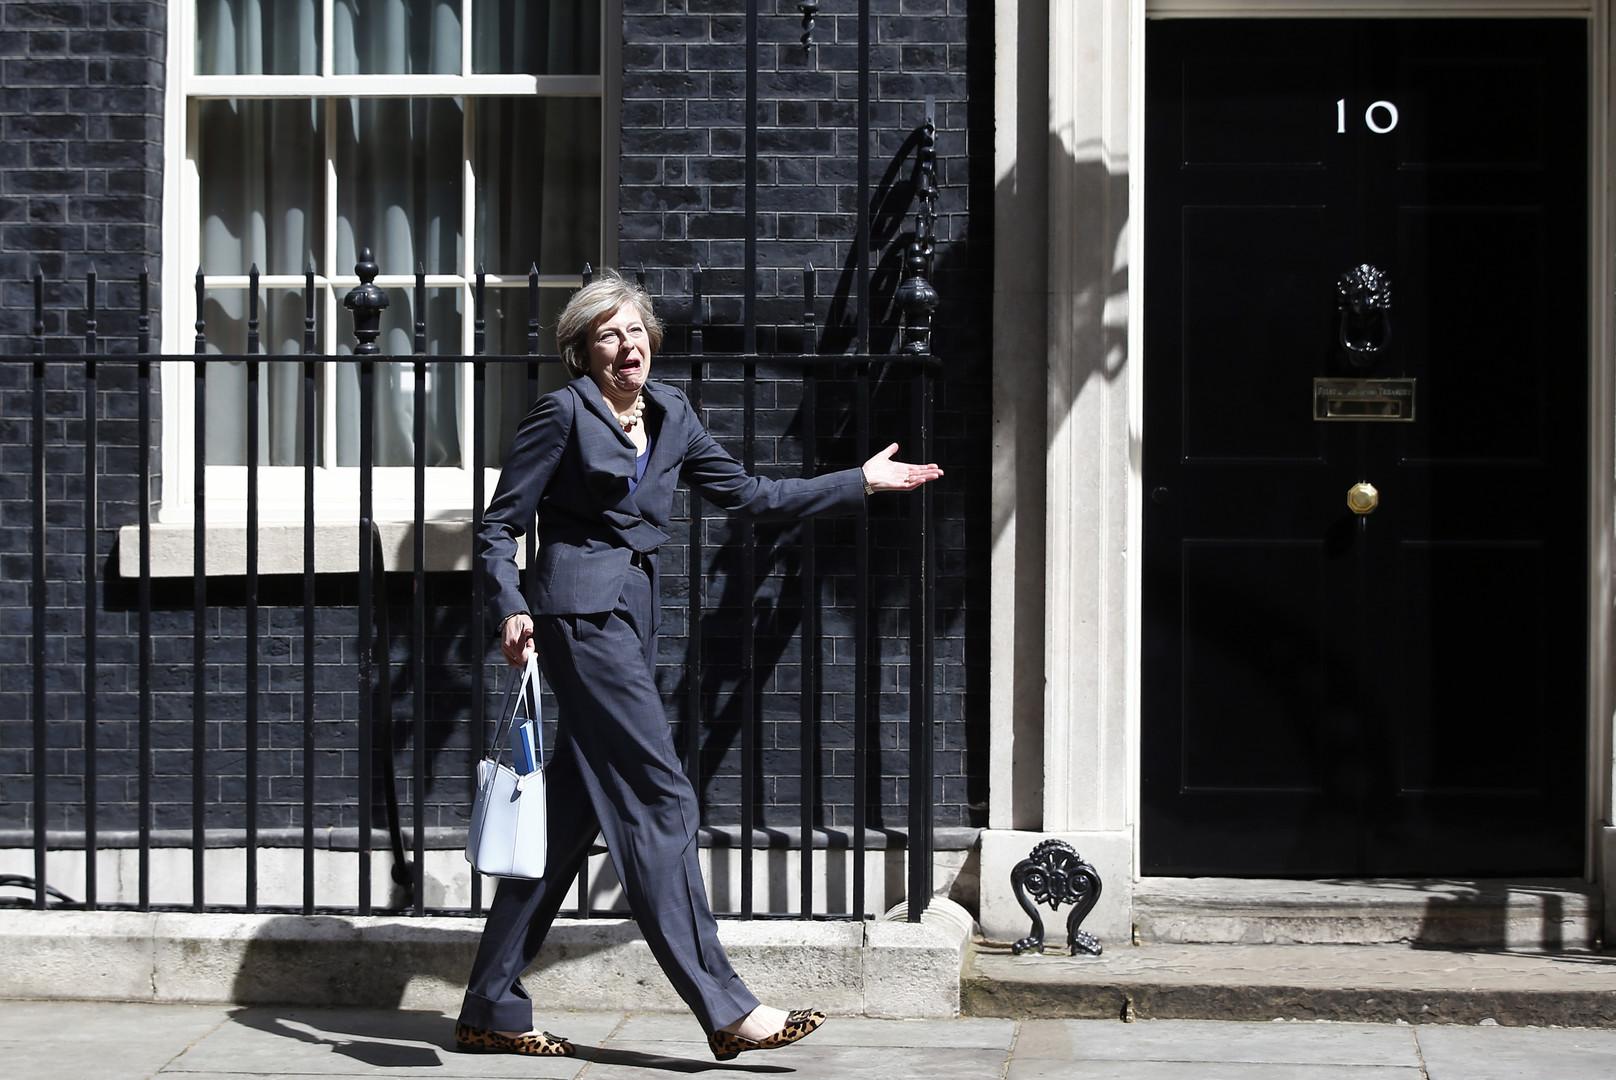 Премьеры для подражания: Twitter обсуждает пение Кэмерона и обувную коллекцию Мэй